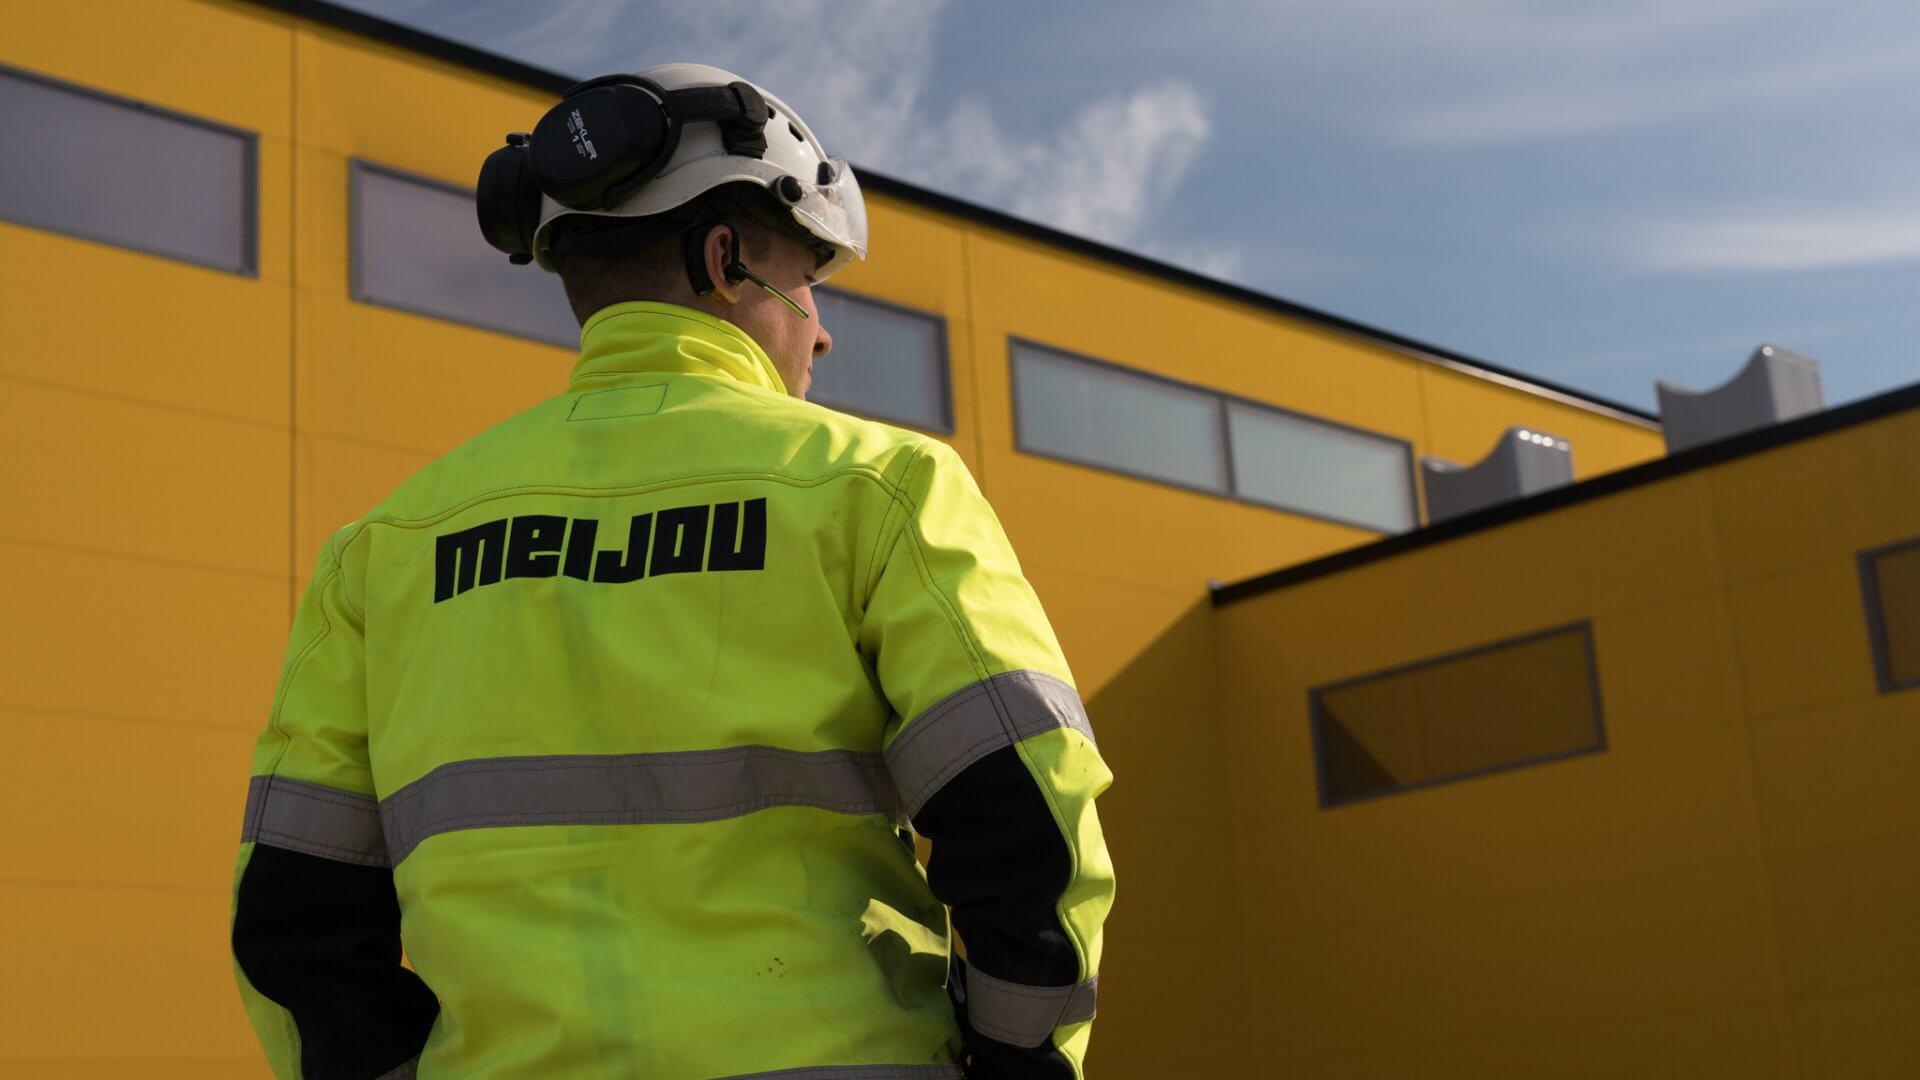 DHL:n jakelu- sekä logistiikkakeskus sekä toimistotilat Pirkkalaan 3